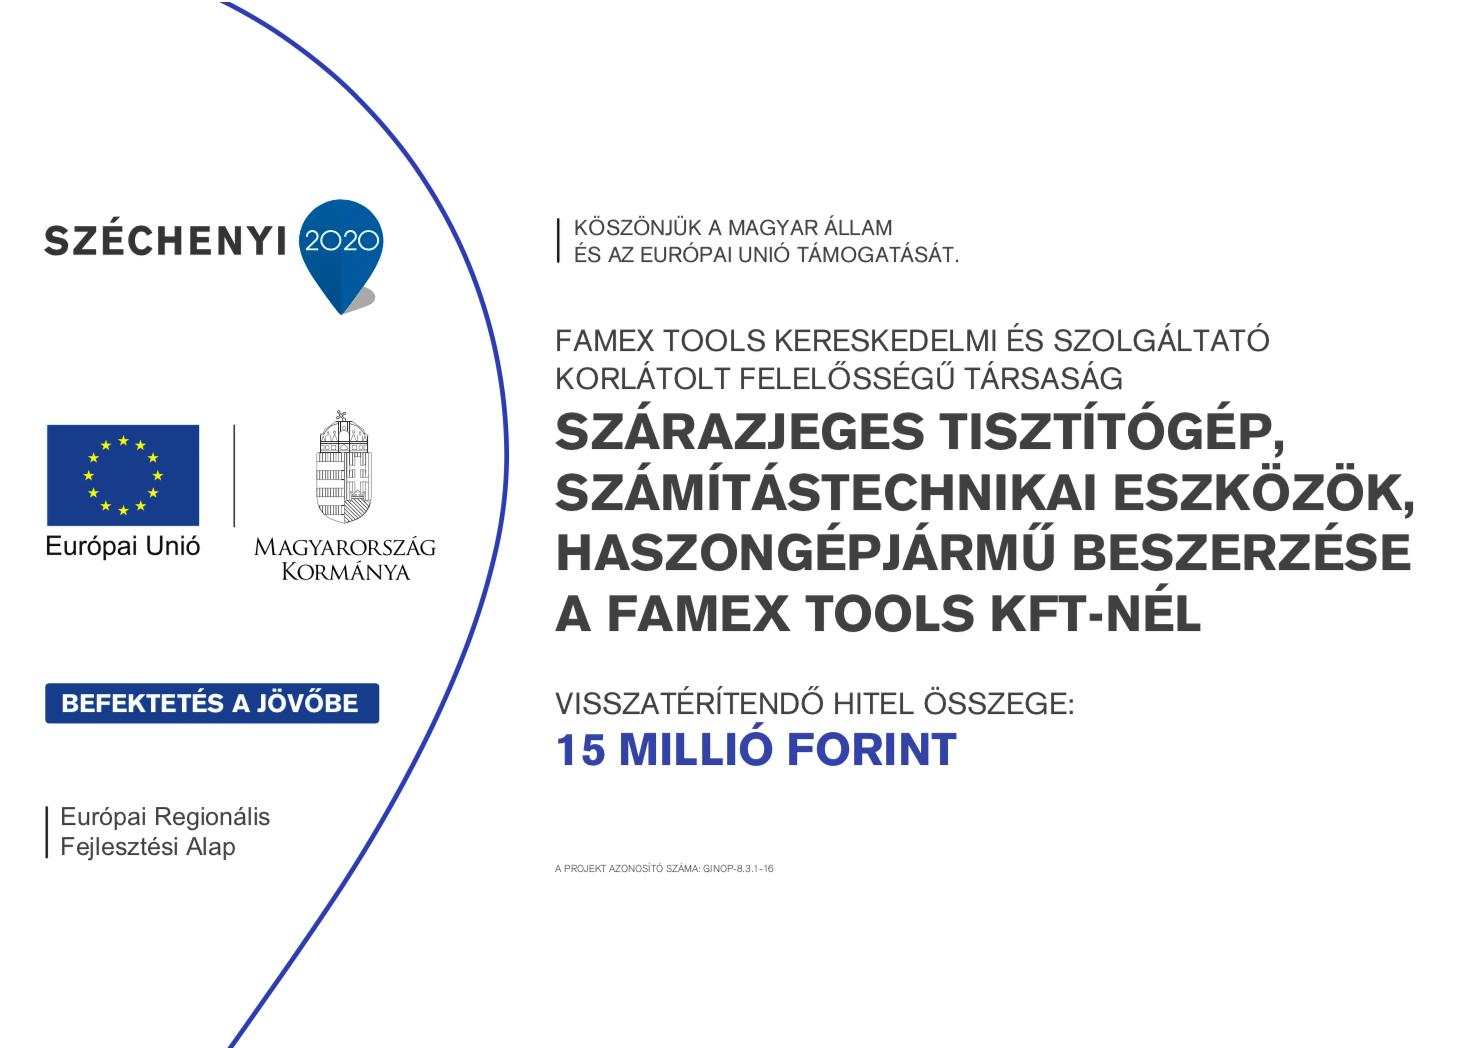 Széchenyi2020 pályázat